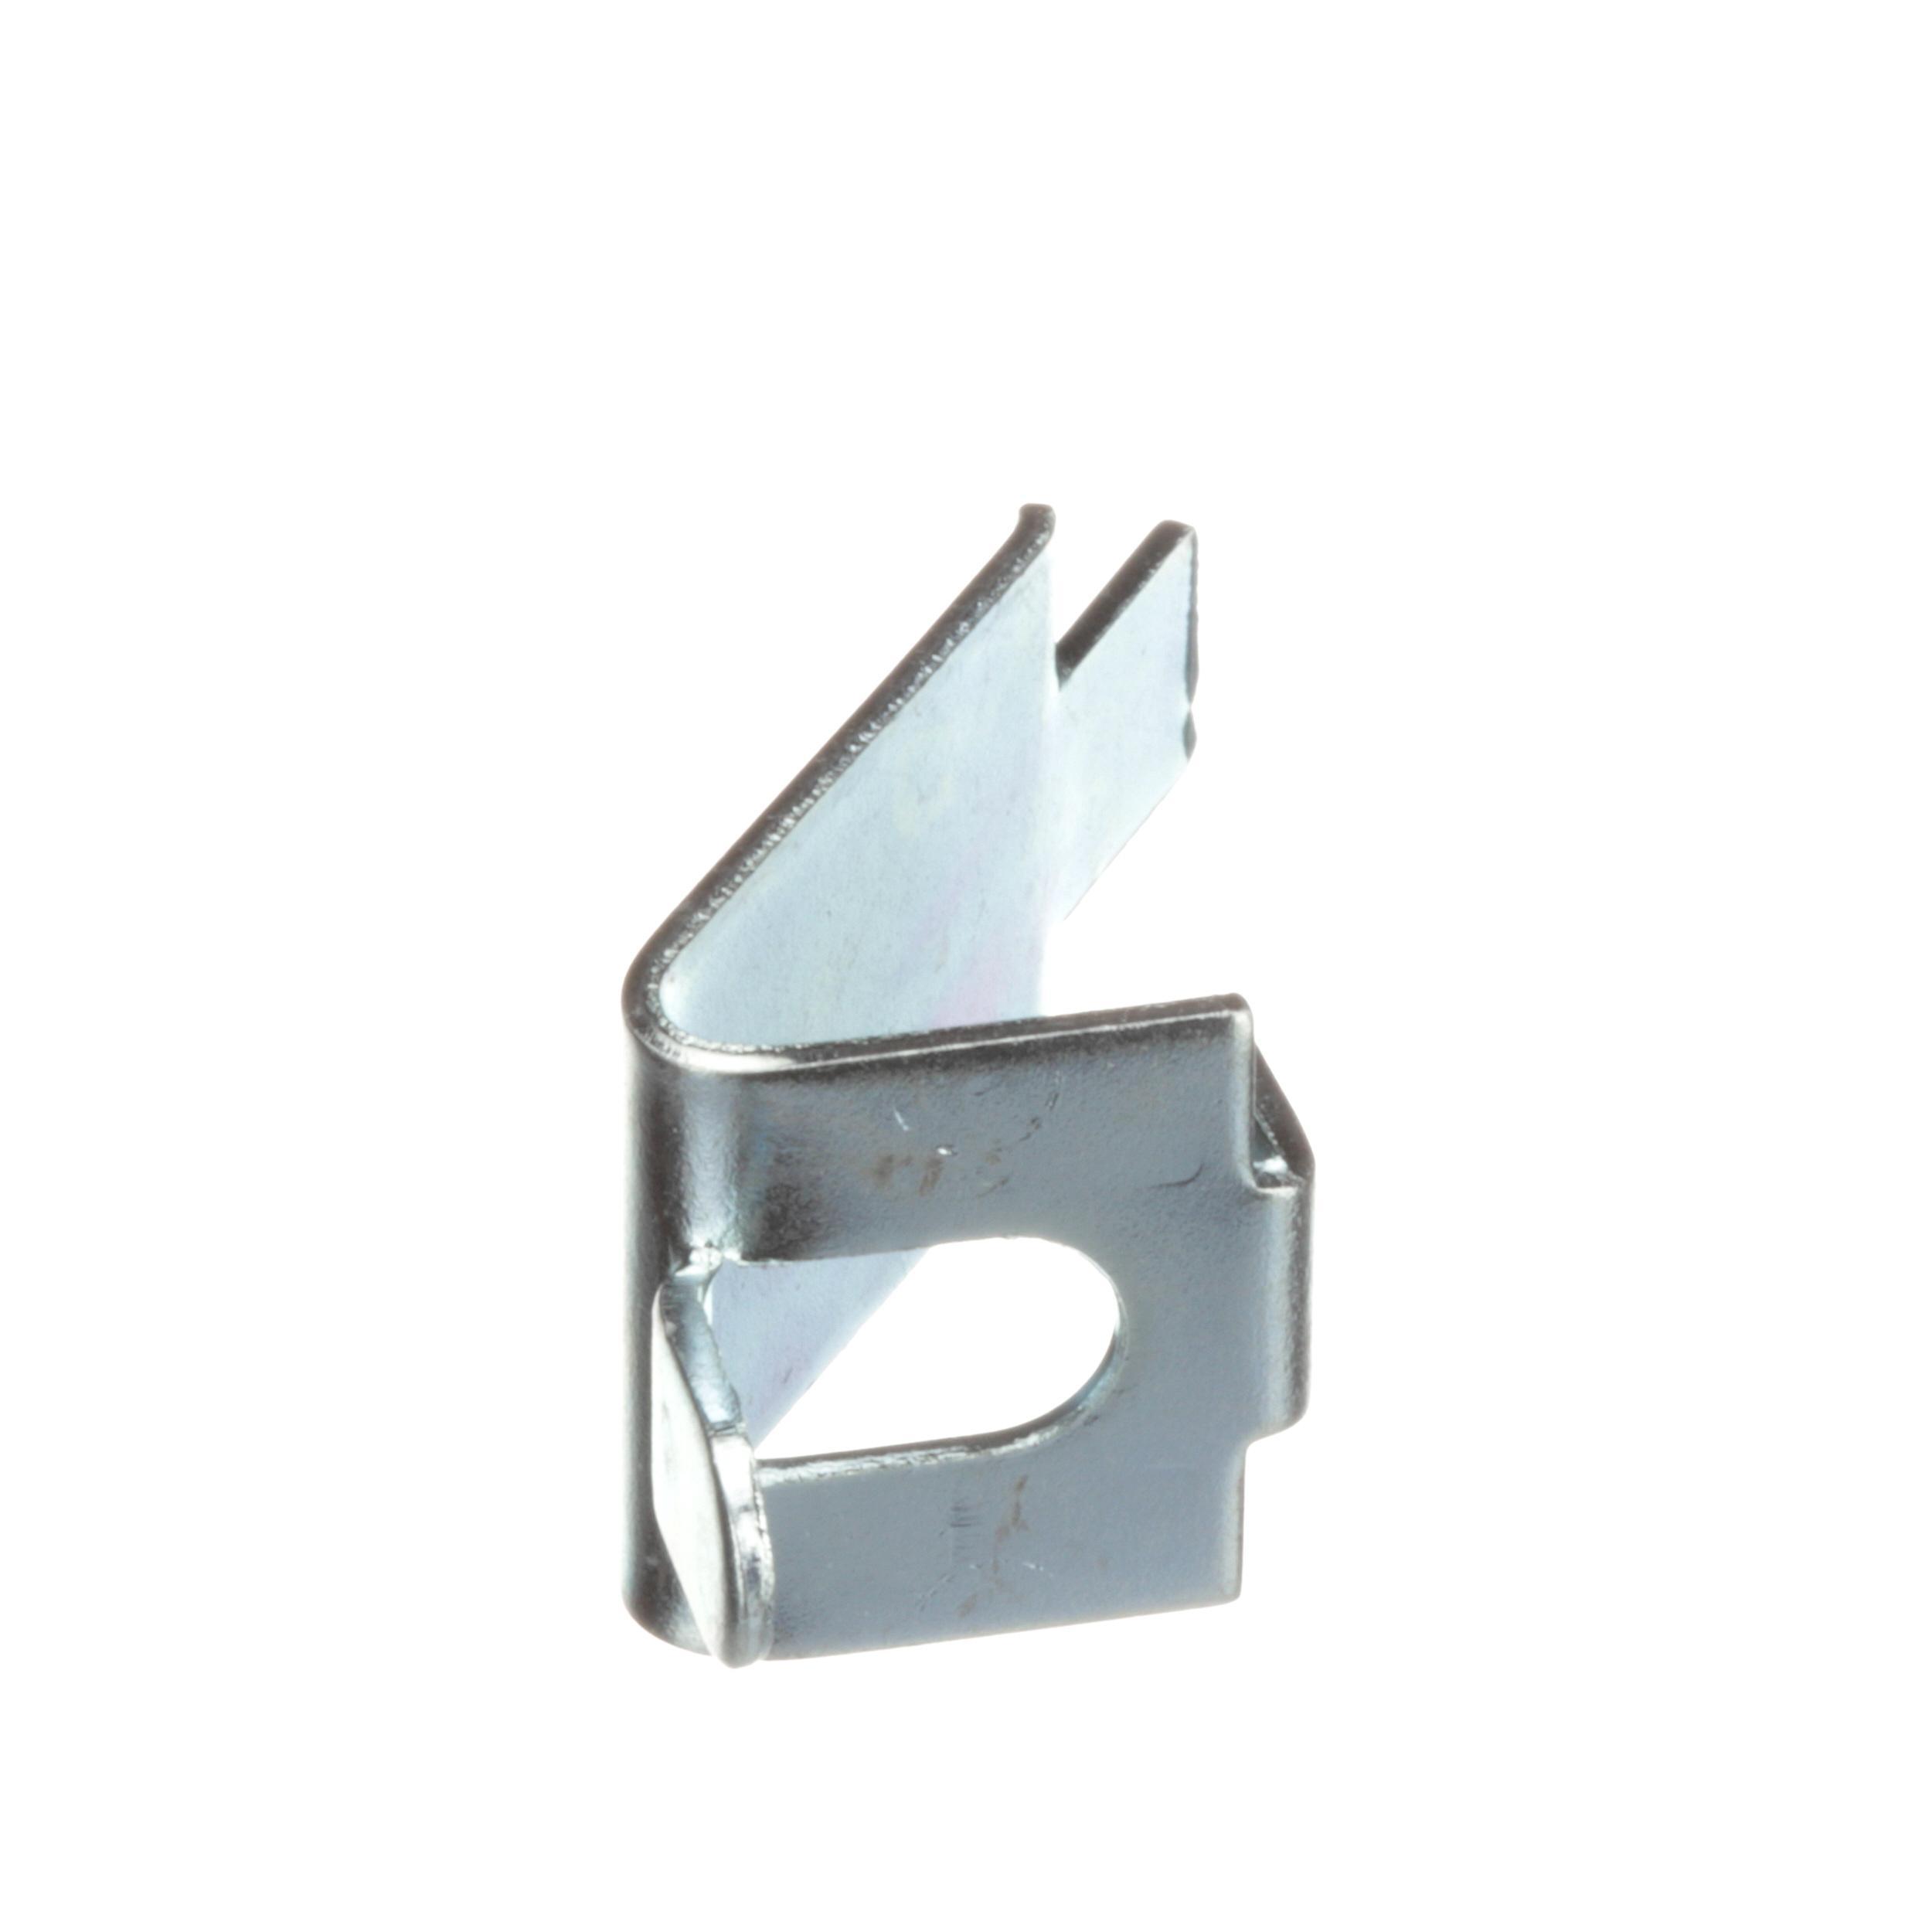 CONTINENTAL REFRIGERATOR SHELF CLIPS